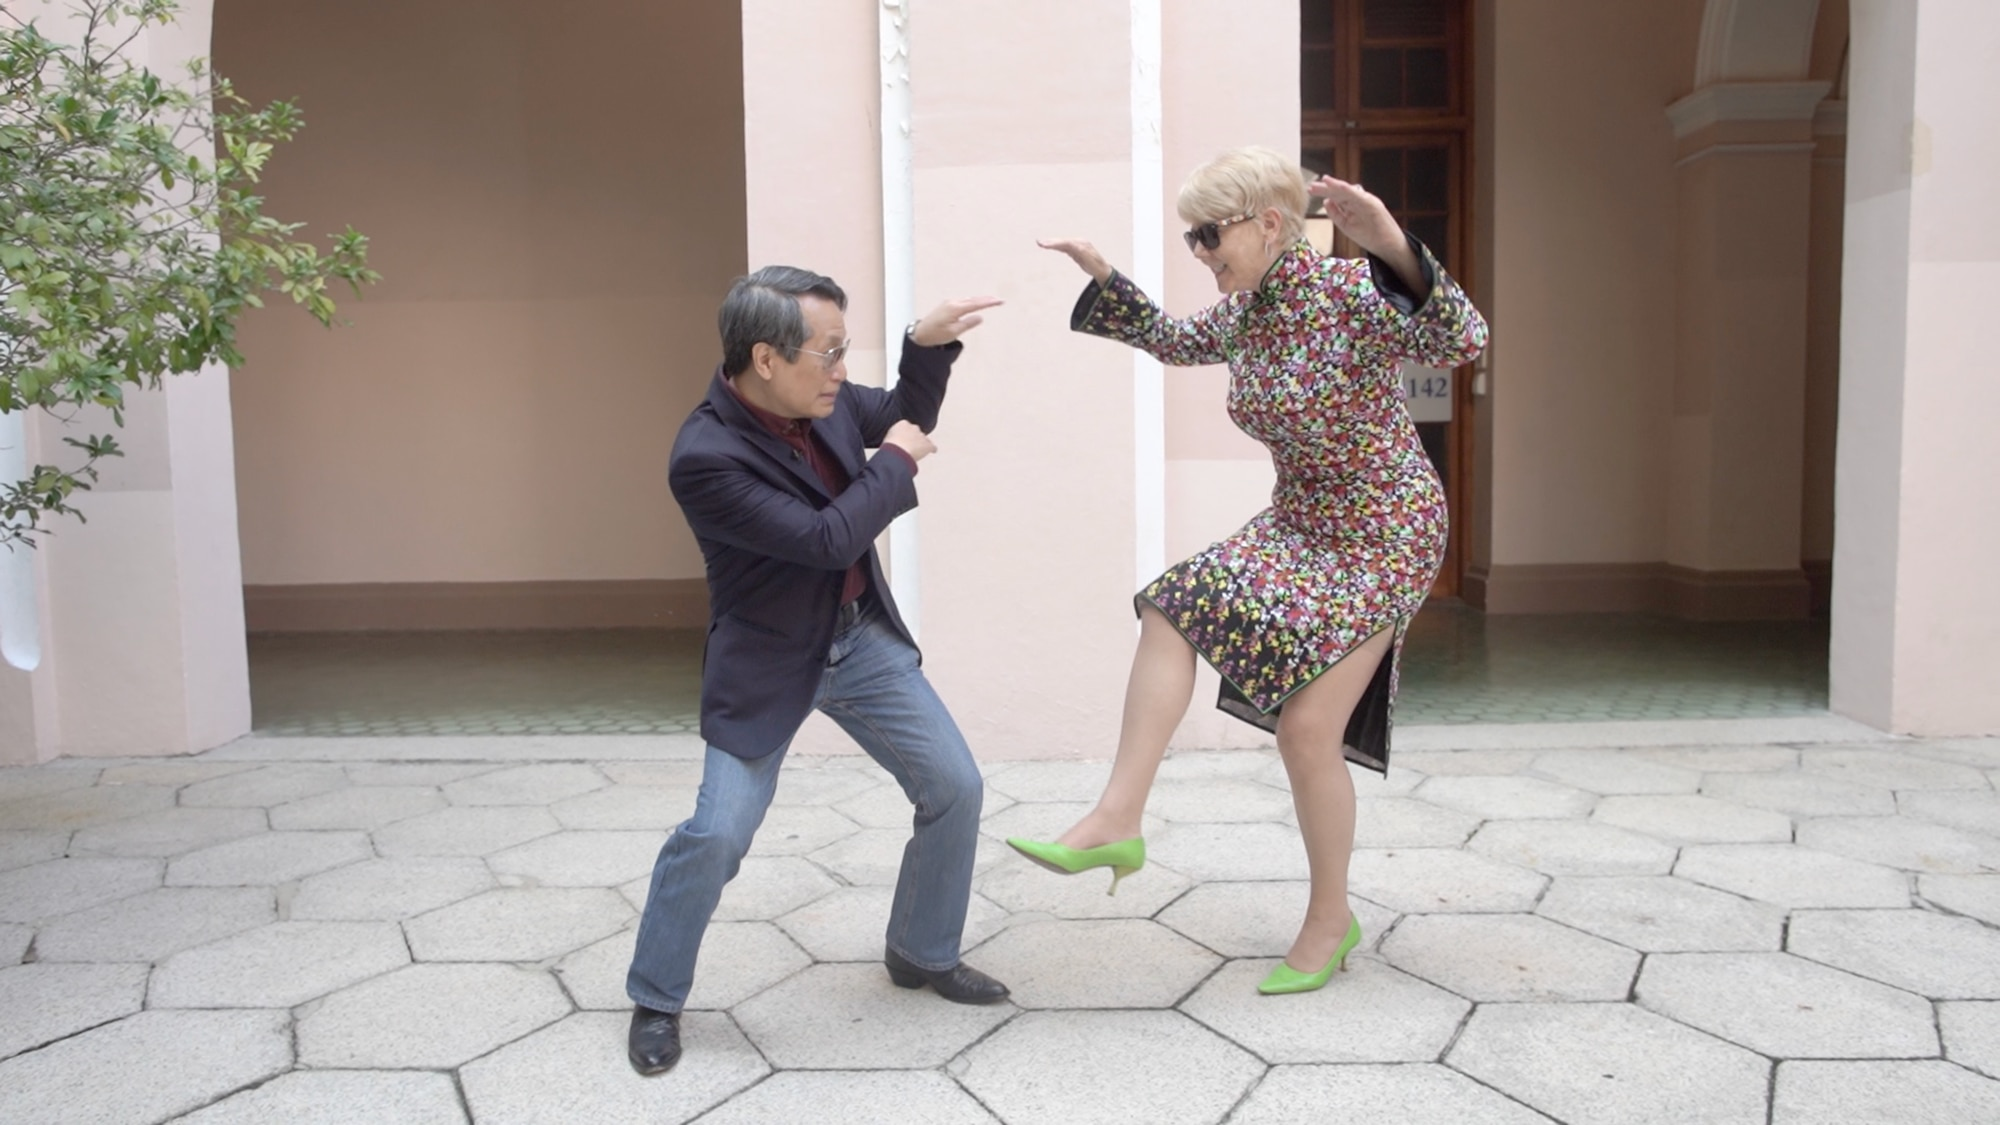 Lee dit qu'il prend souvent des photos amusantes avec sa femme.